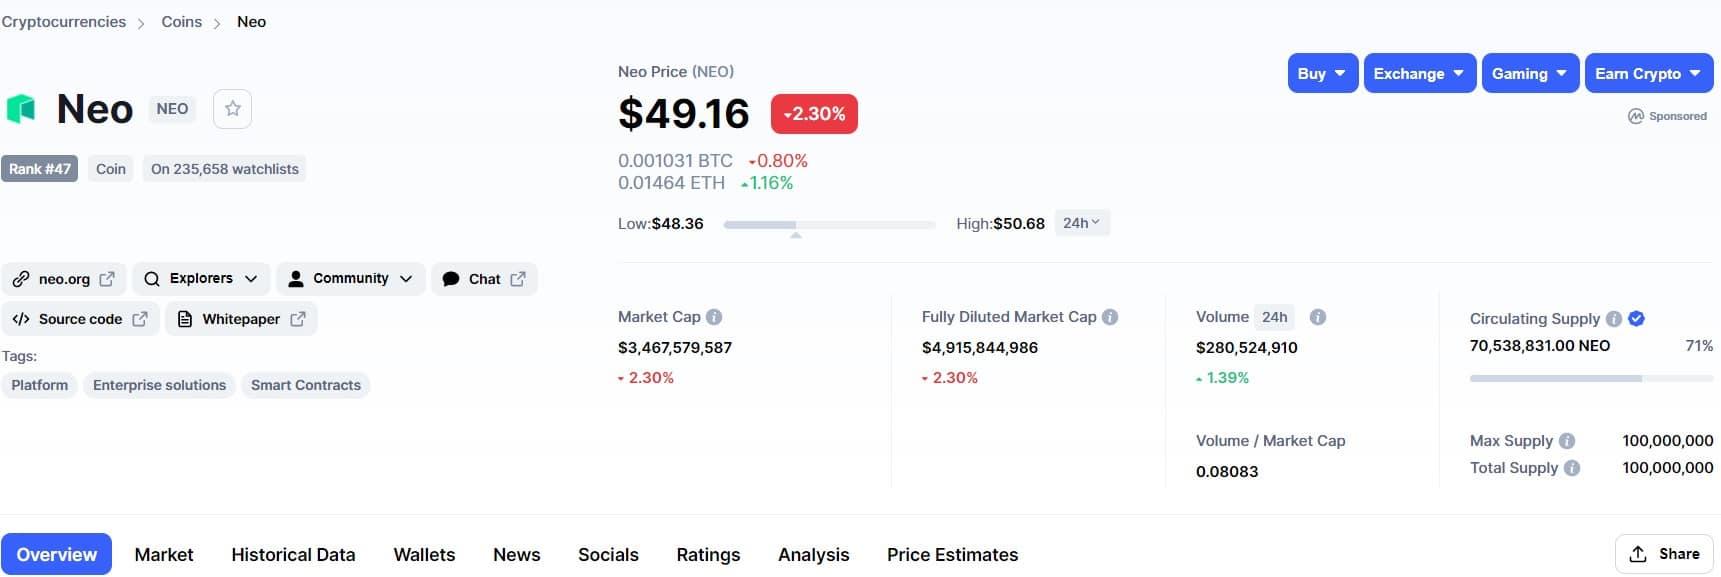 neo price